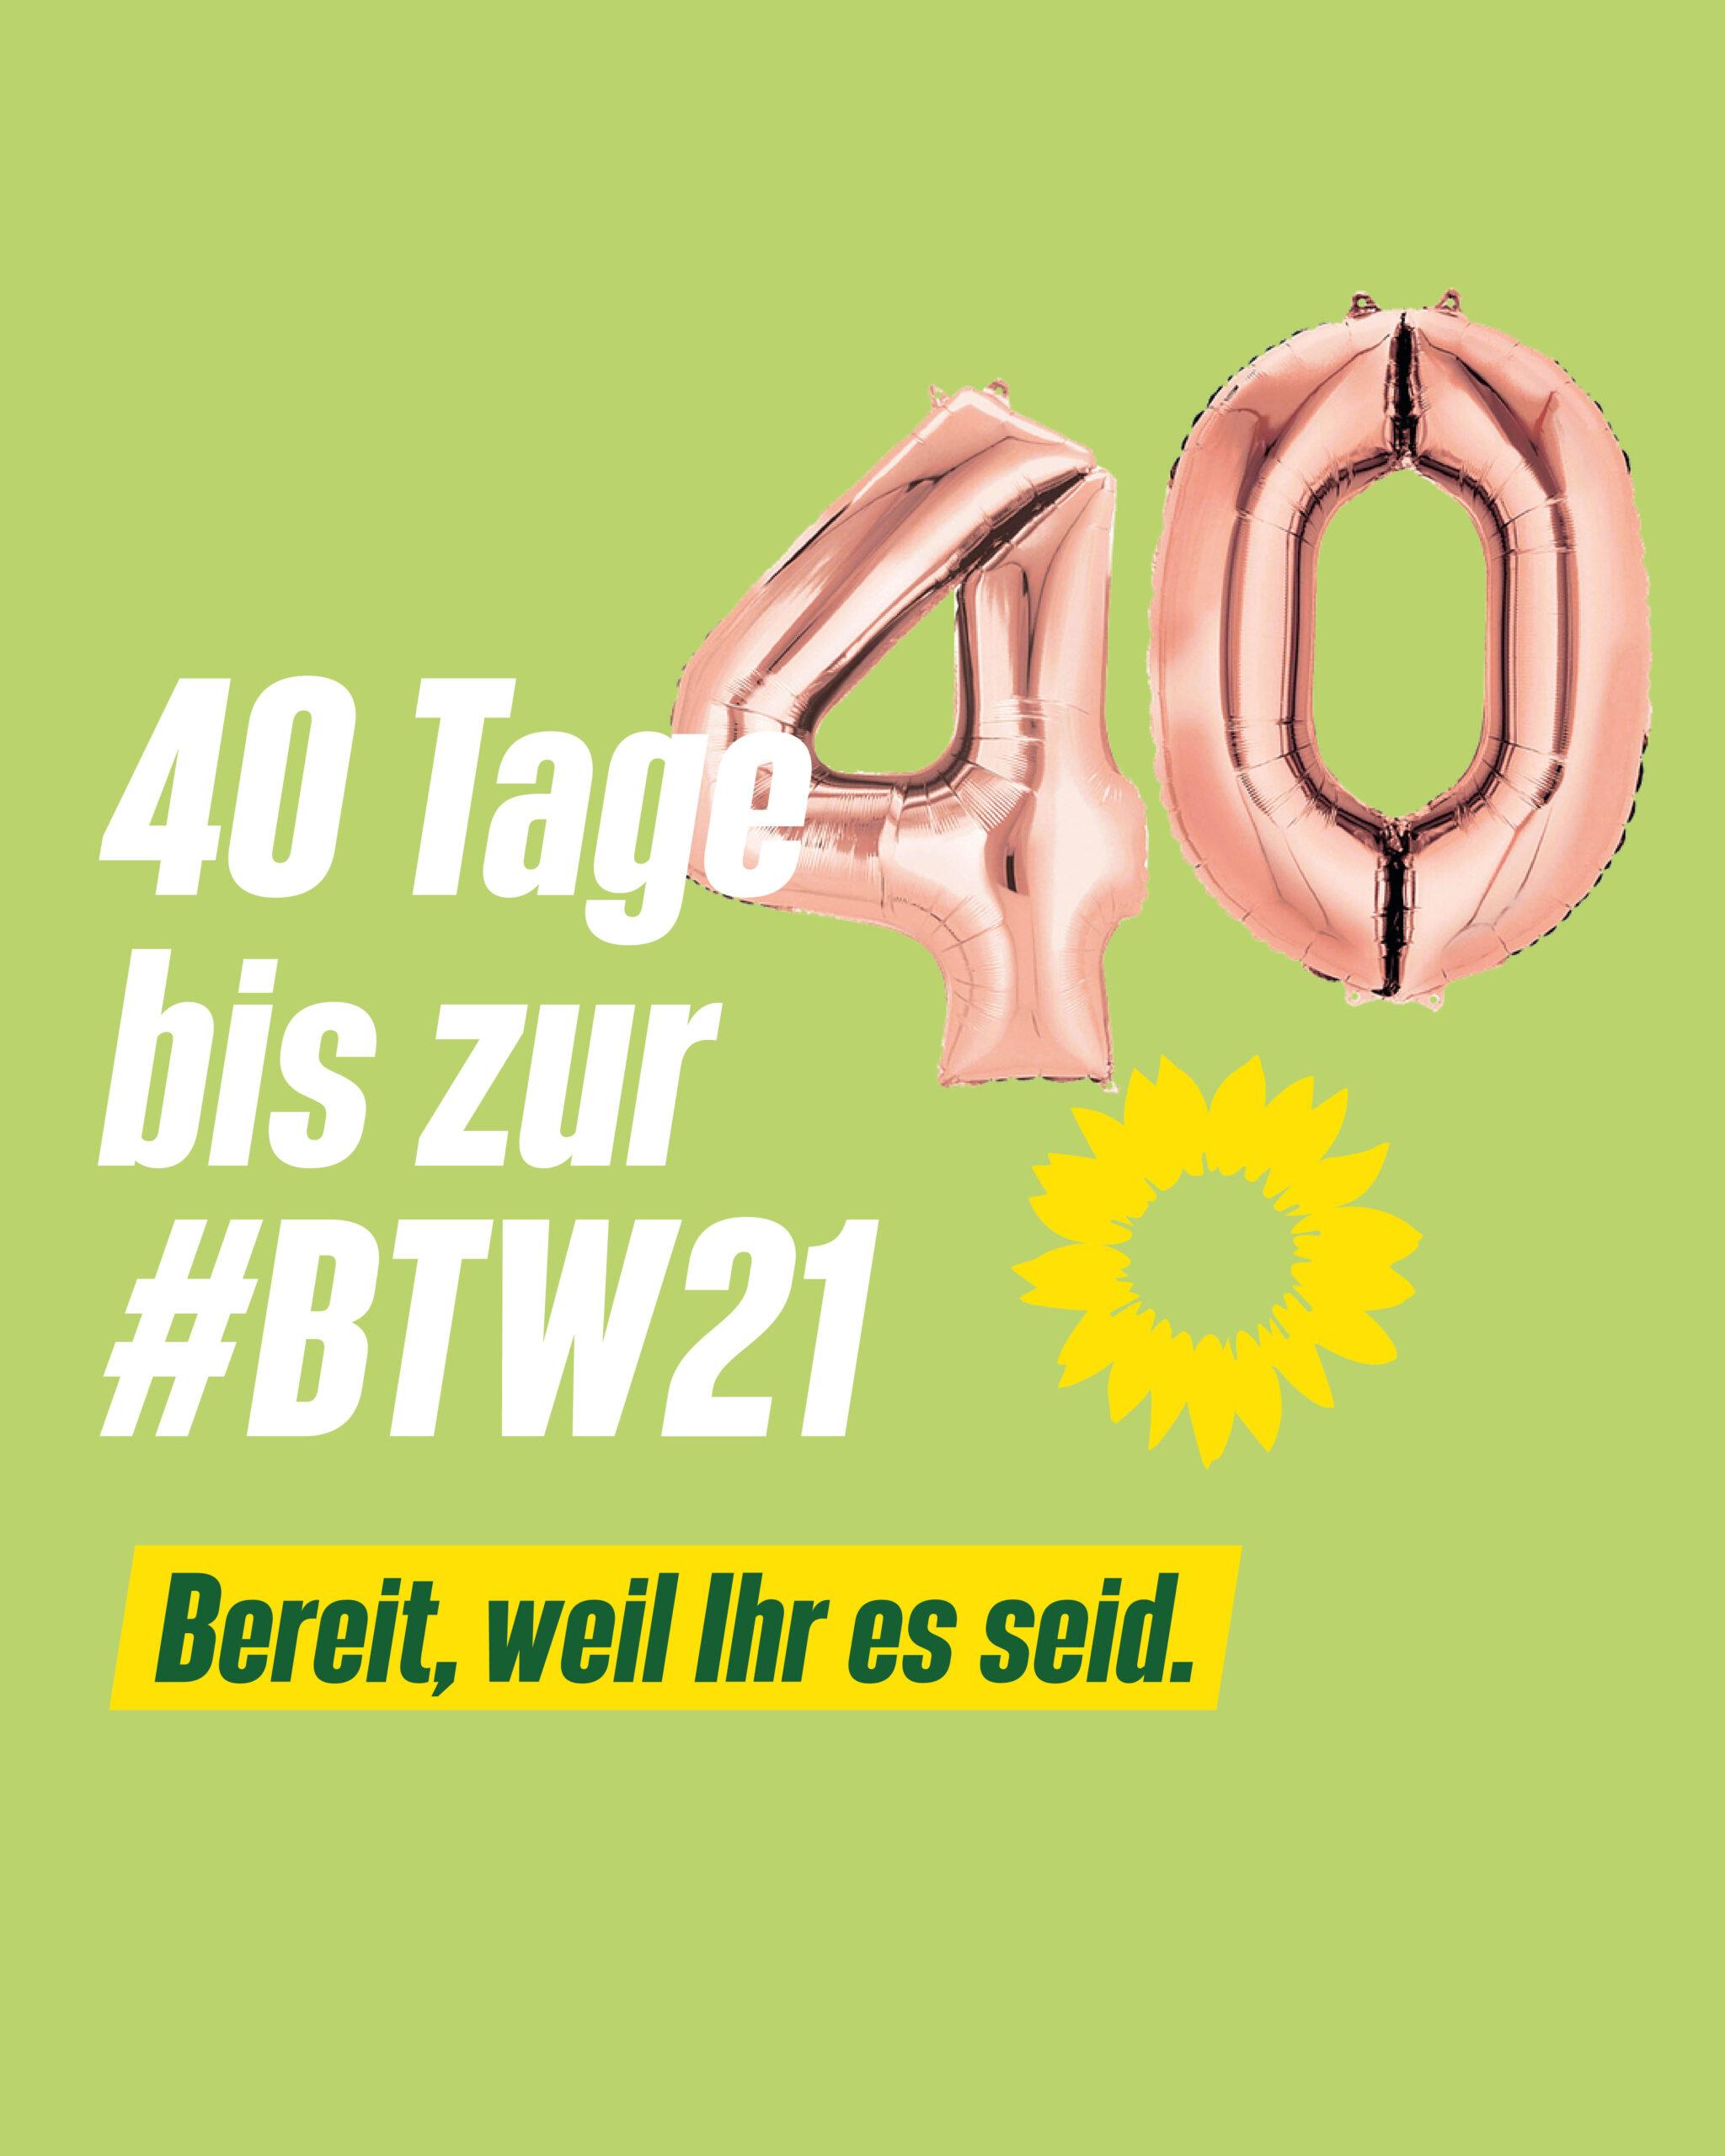 40 Tage bis zur Bundestagswahl